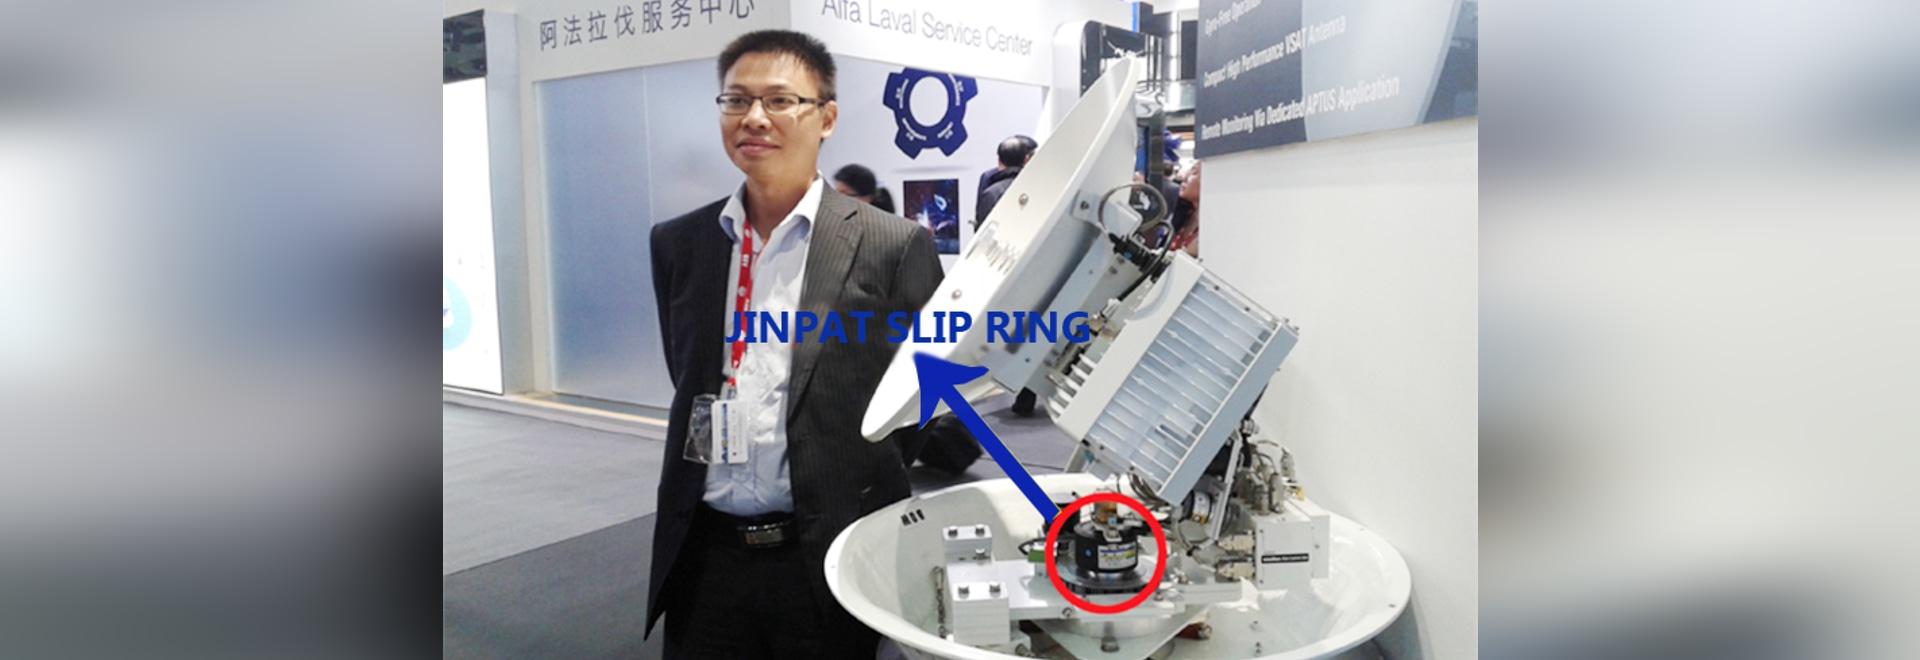 Technical Breakthrough  In Radar Slip Ring